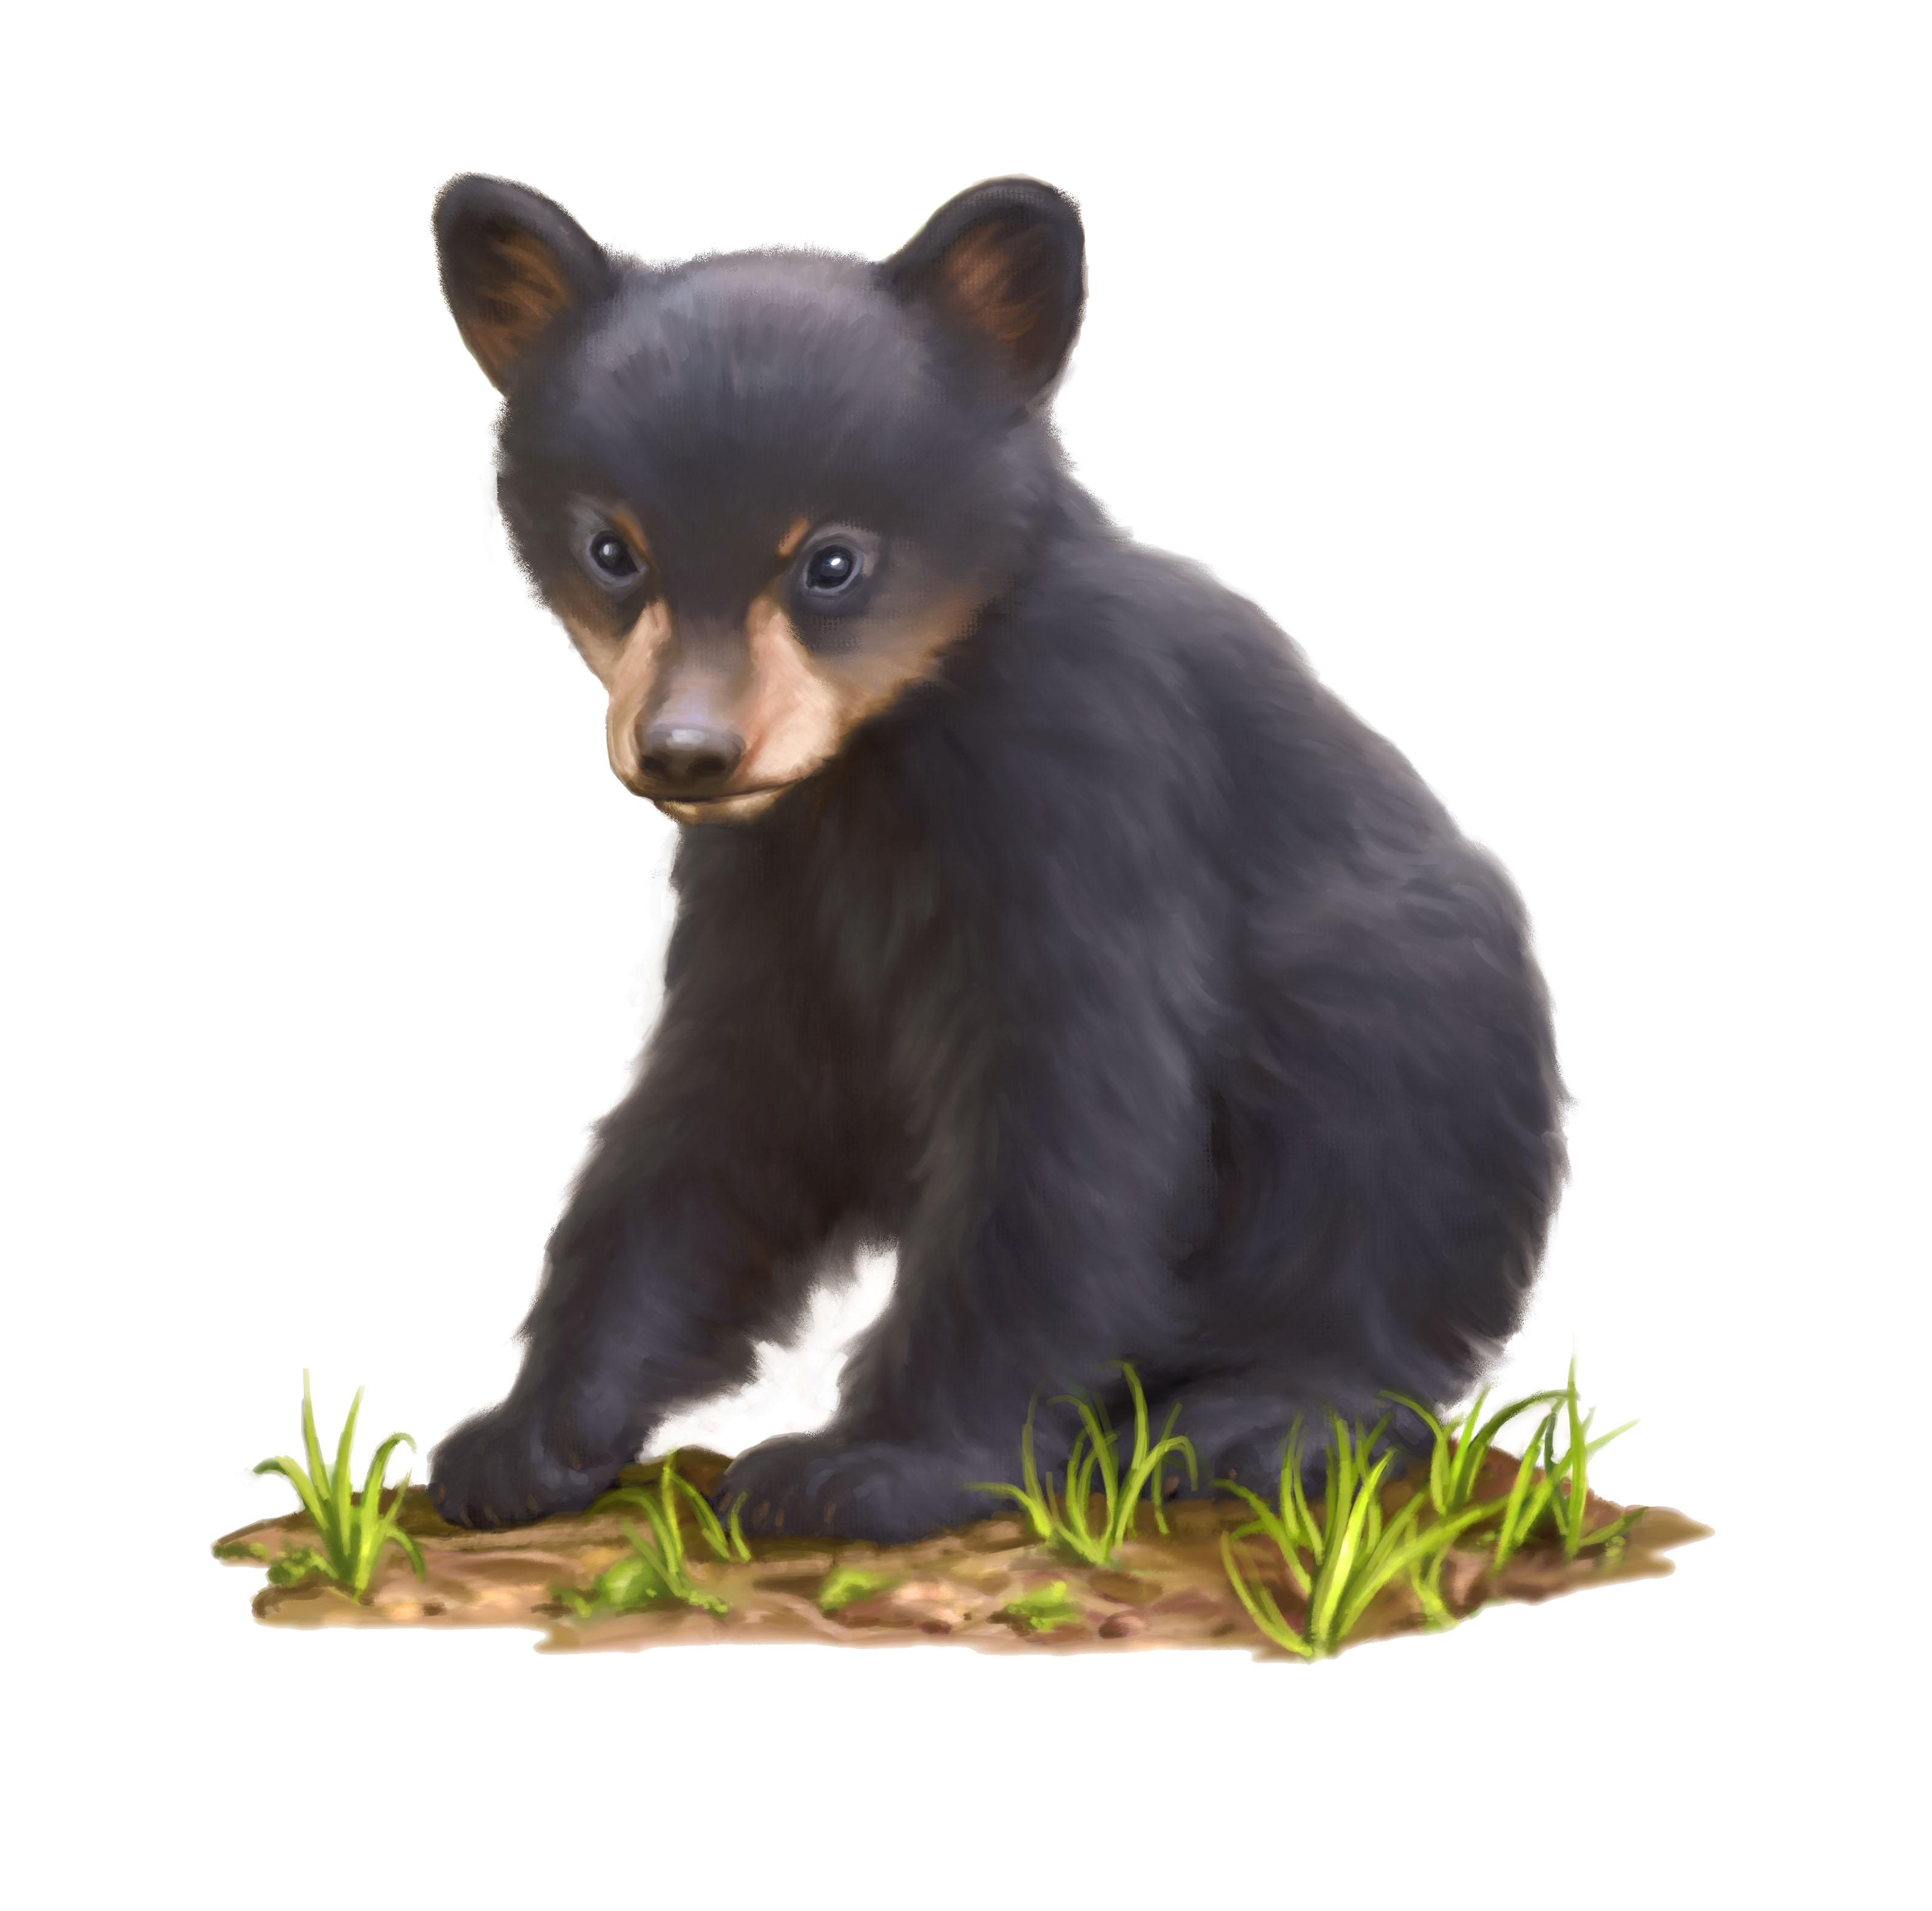 Bear Cub Clipart Free Download Clip Art.